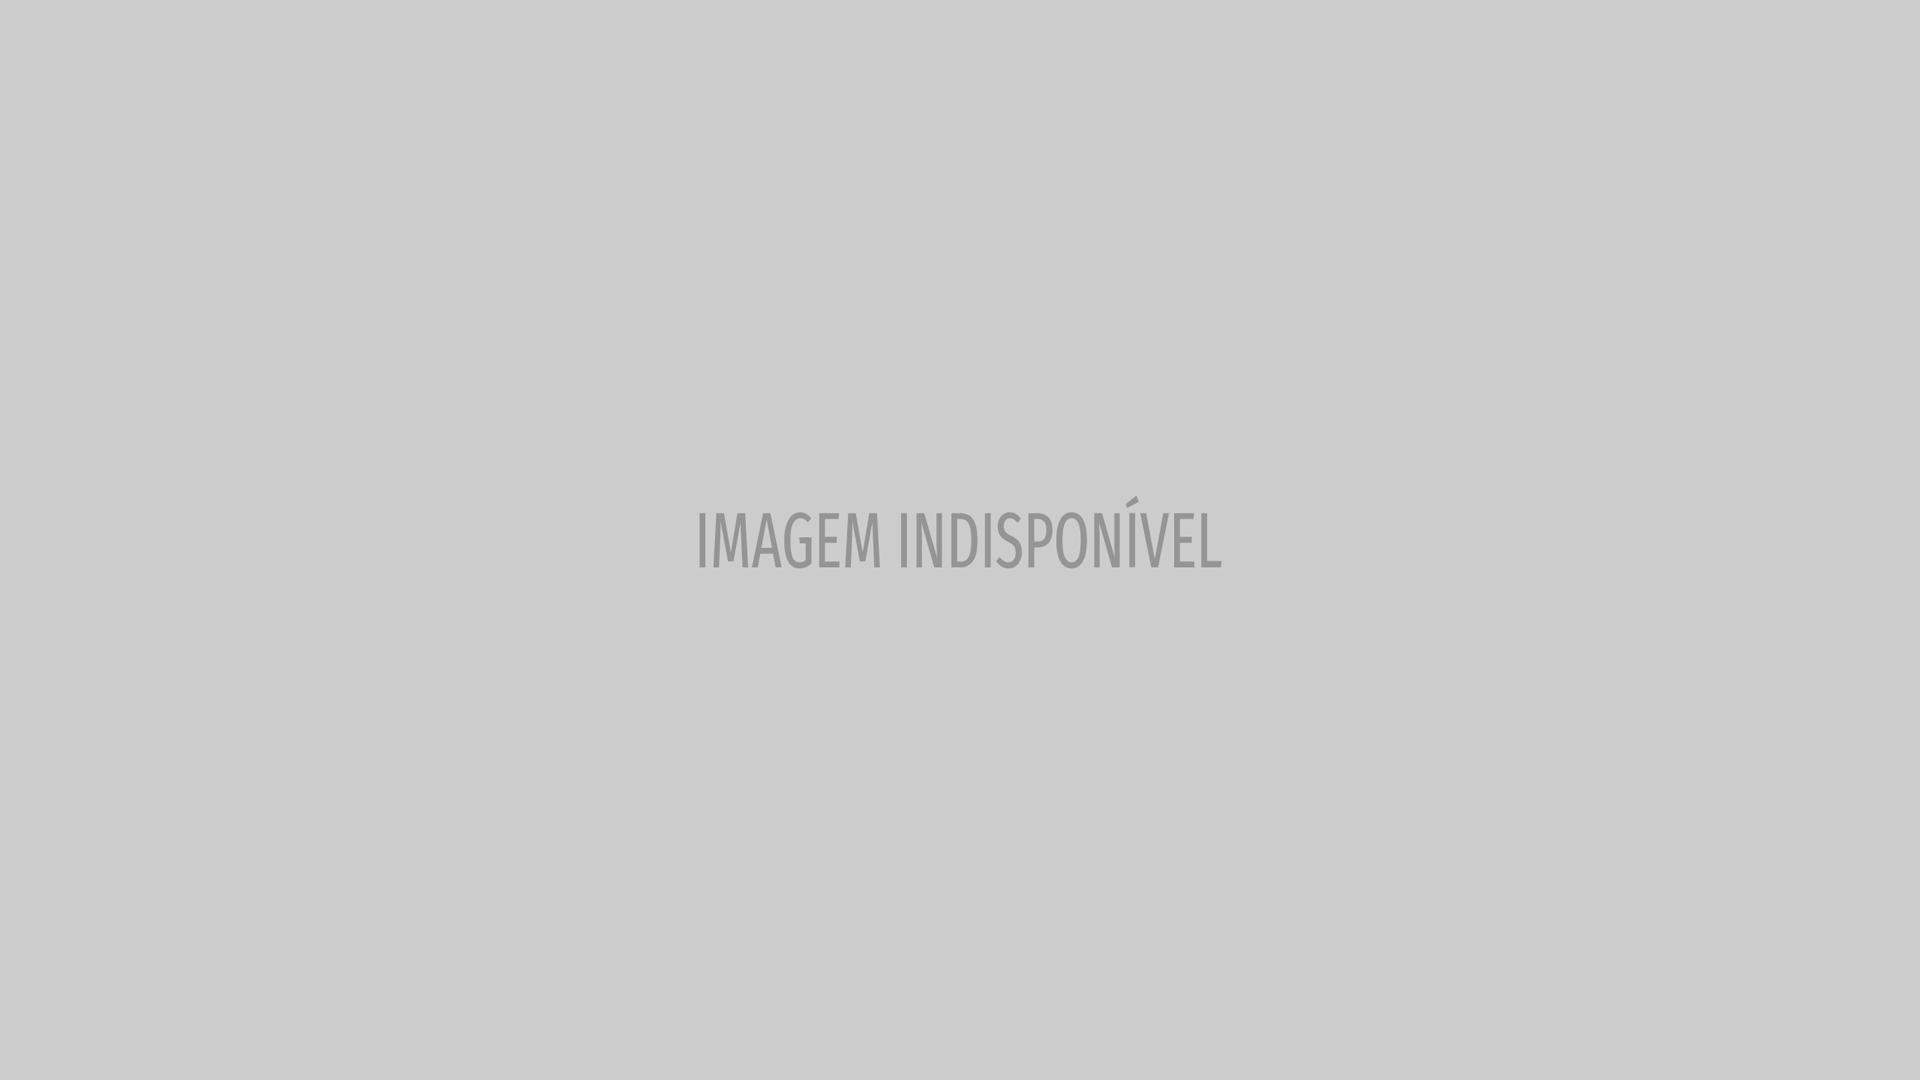 Construiu-lhe um castelo, mas gato ignorou-o por completo